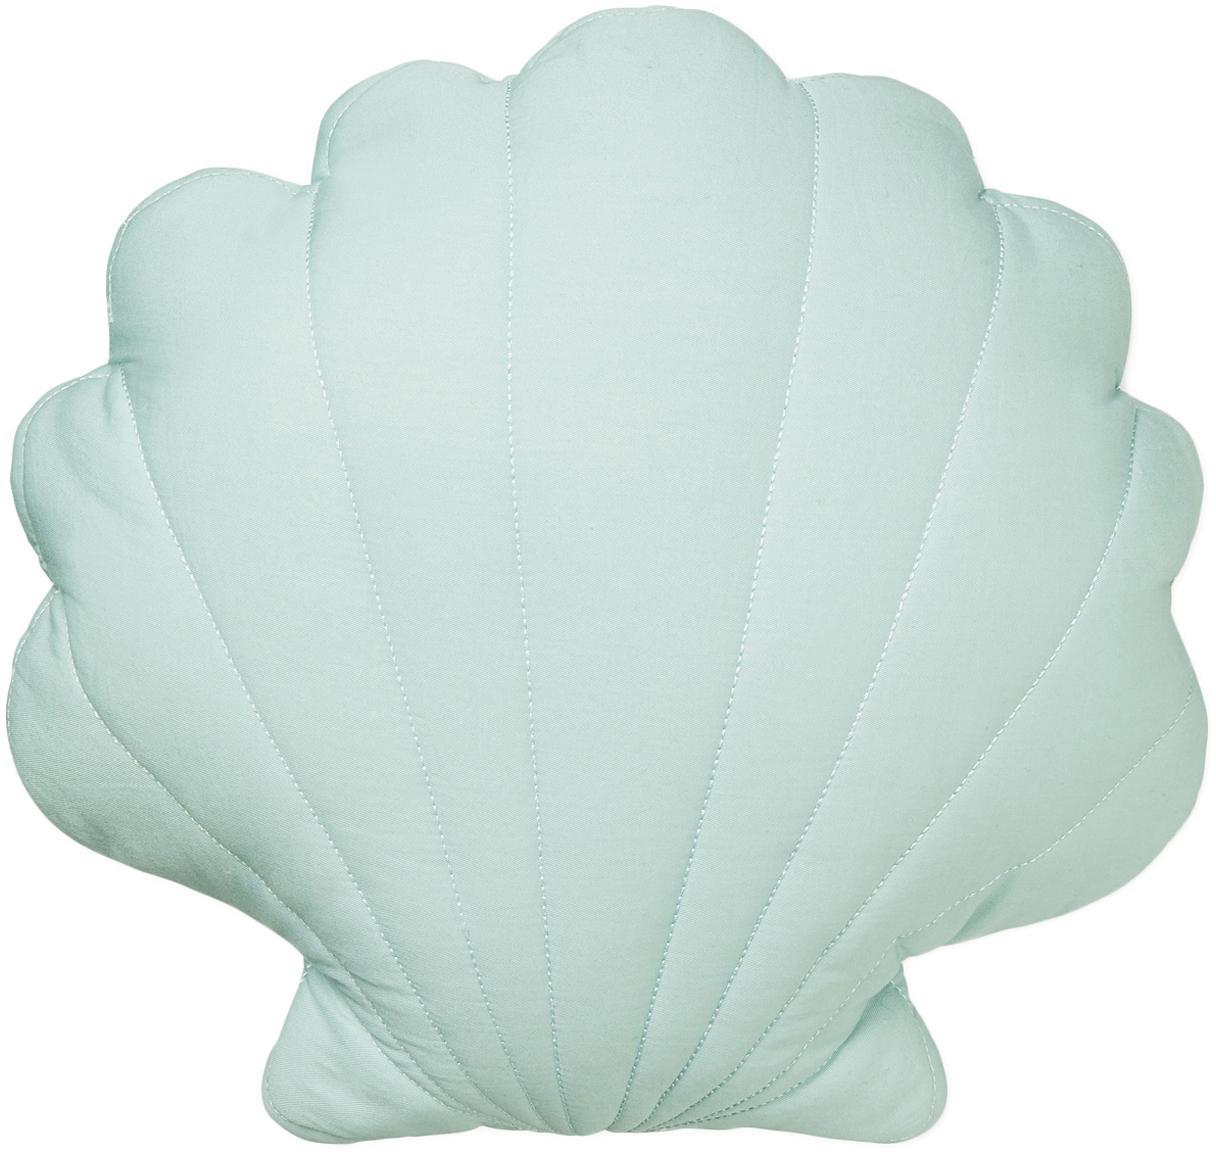 Cuscino a conchiglia in cotone organico Shell, Verde menta, Larg. 28 x Lung. 39 cm